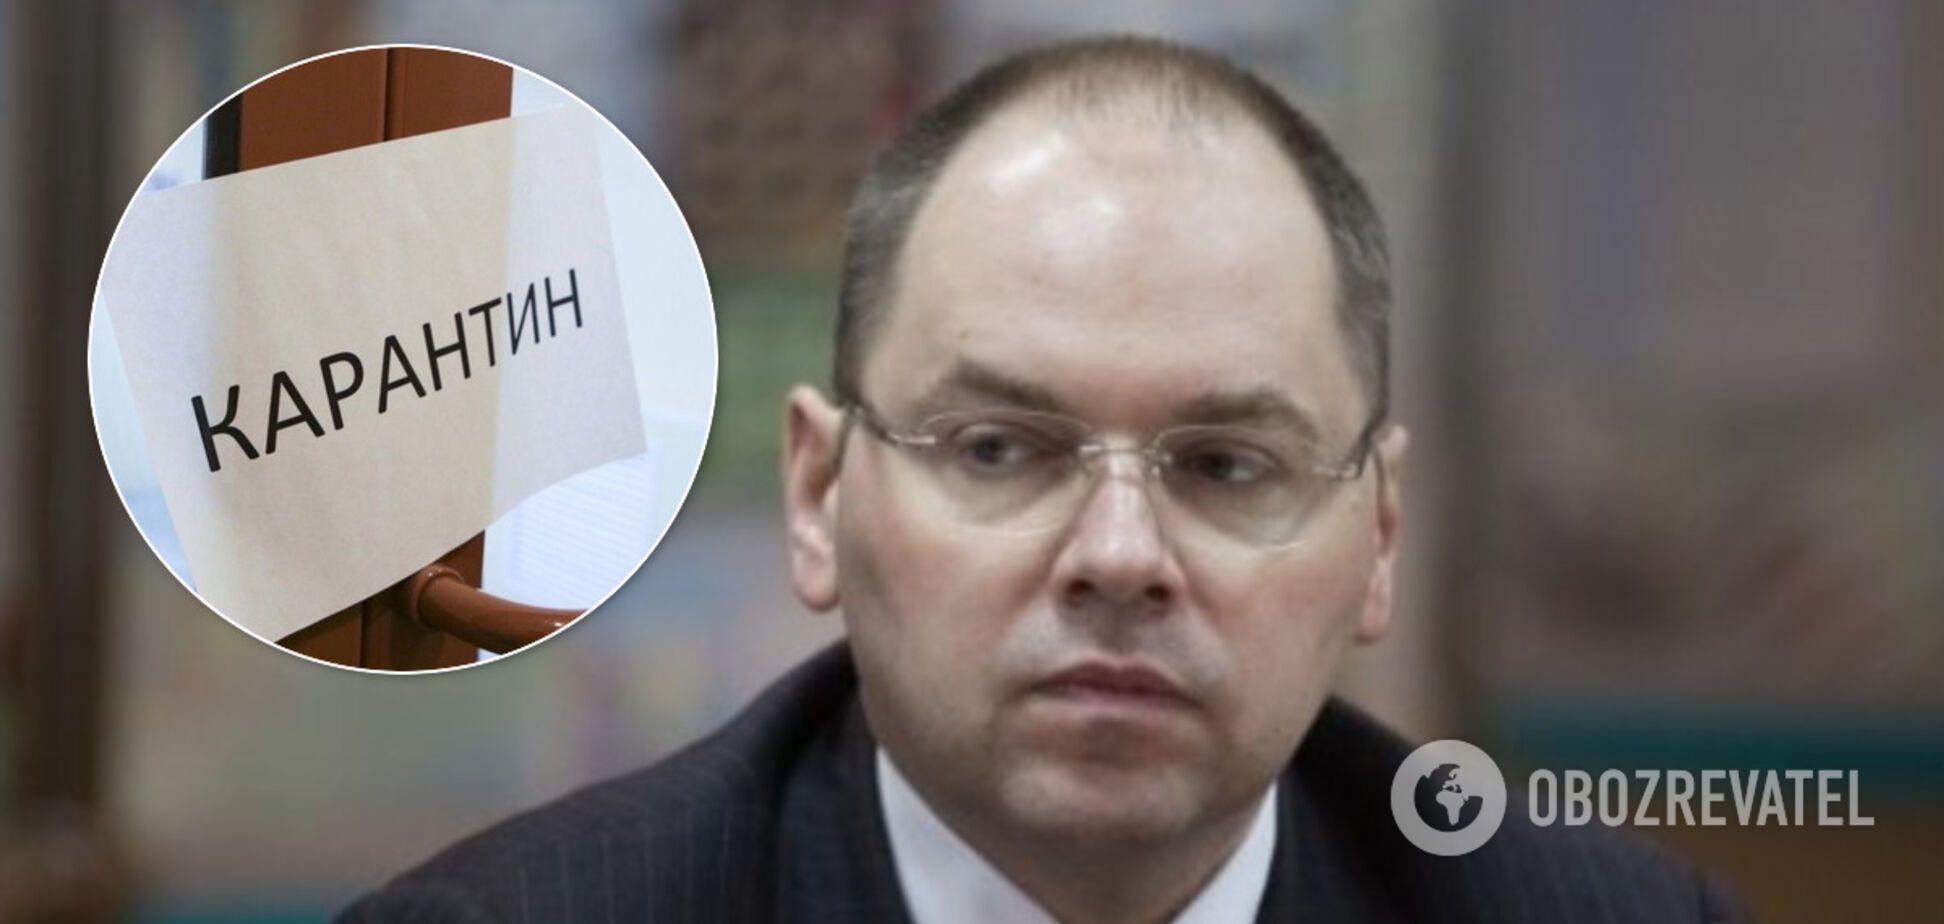 Глава МОЗ озвучив позитивні новини про скасування карантину в Україні